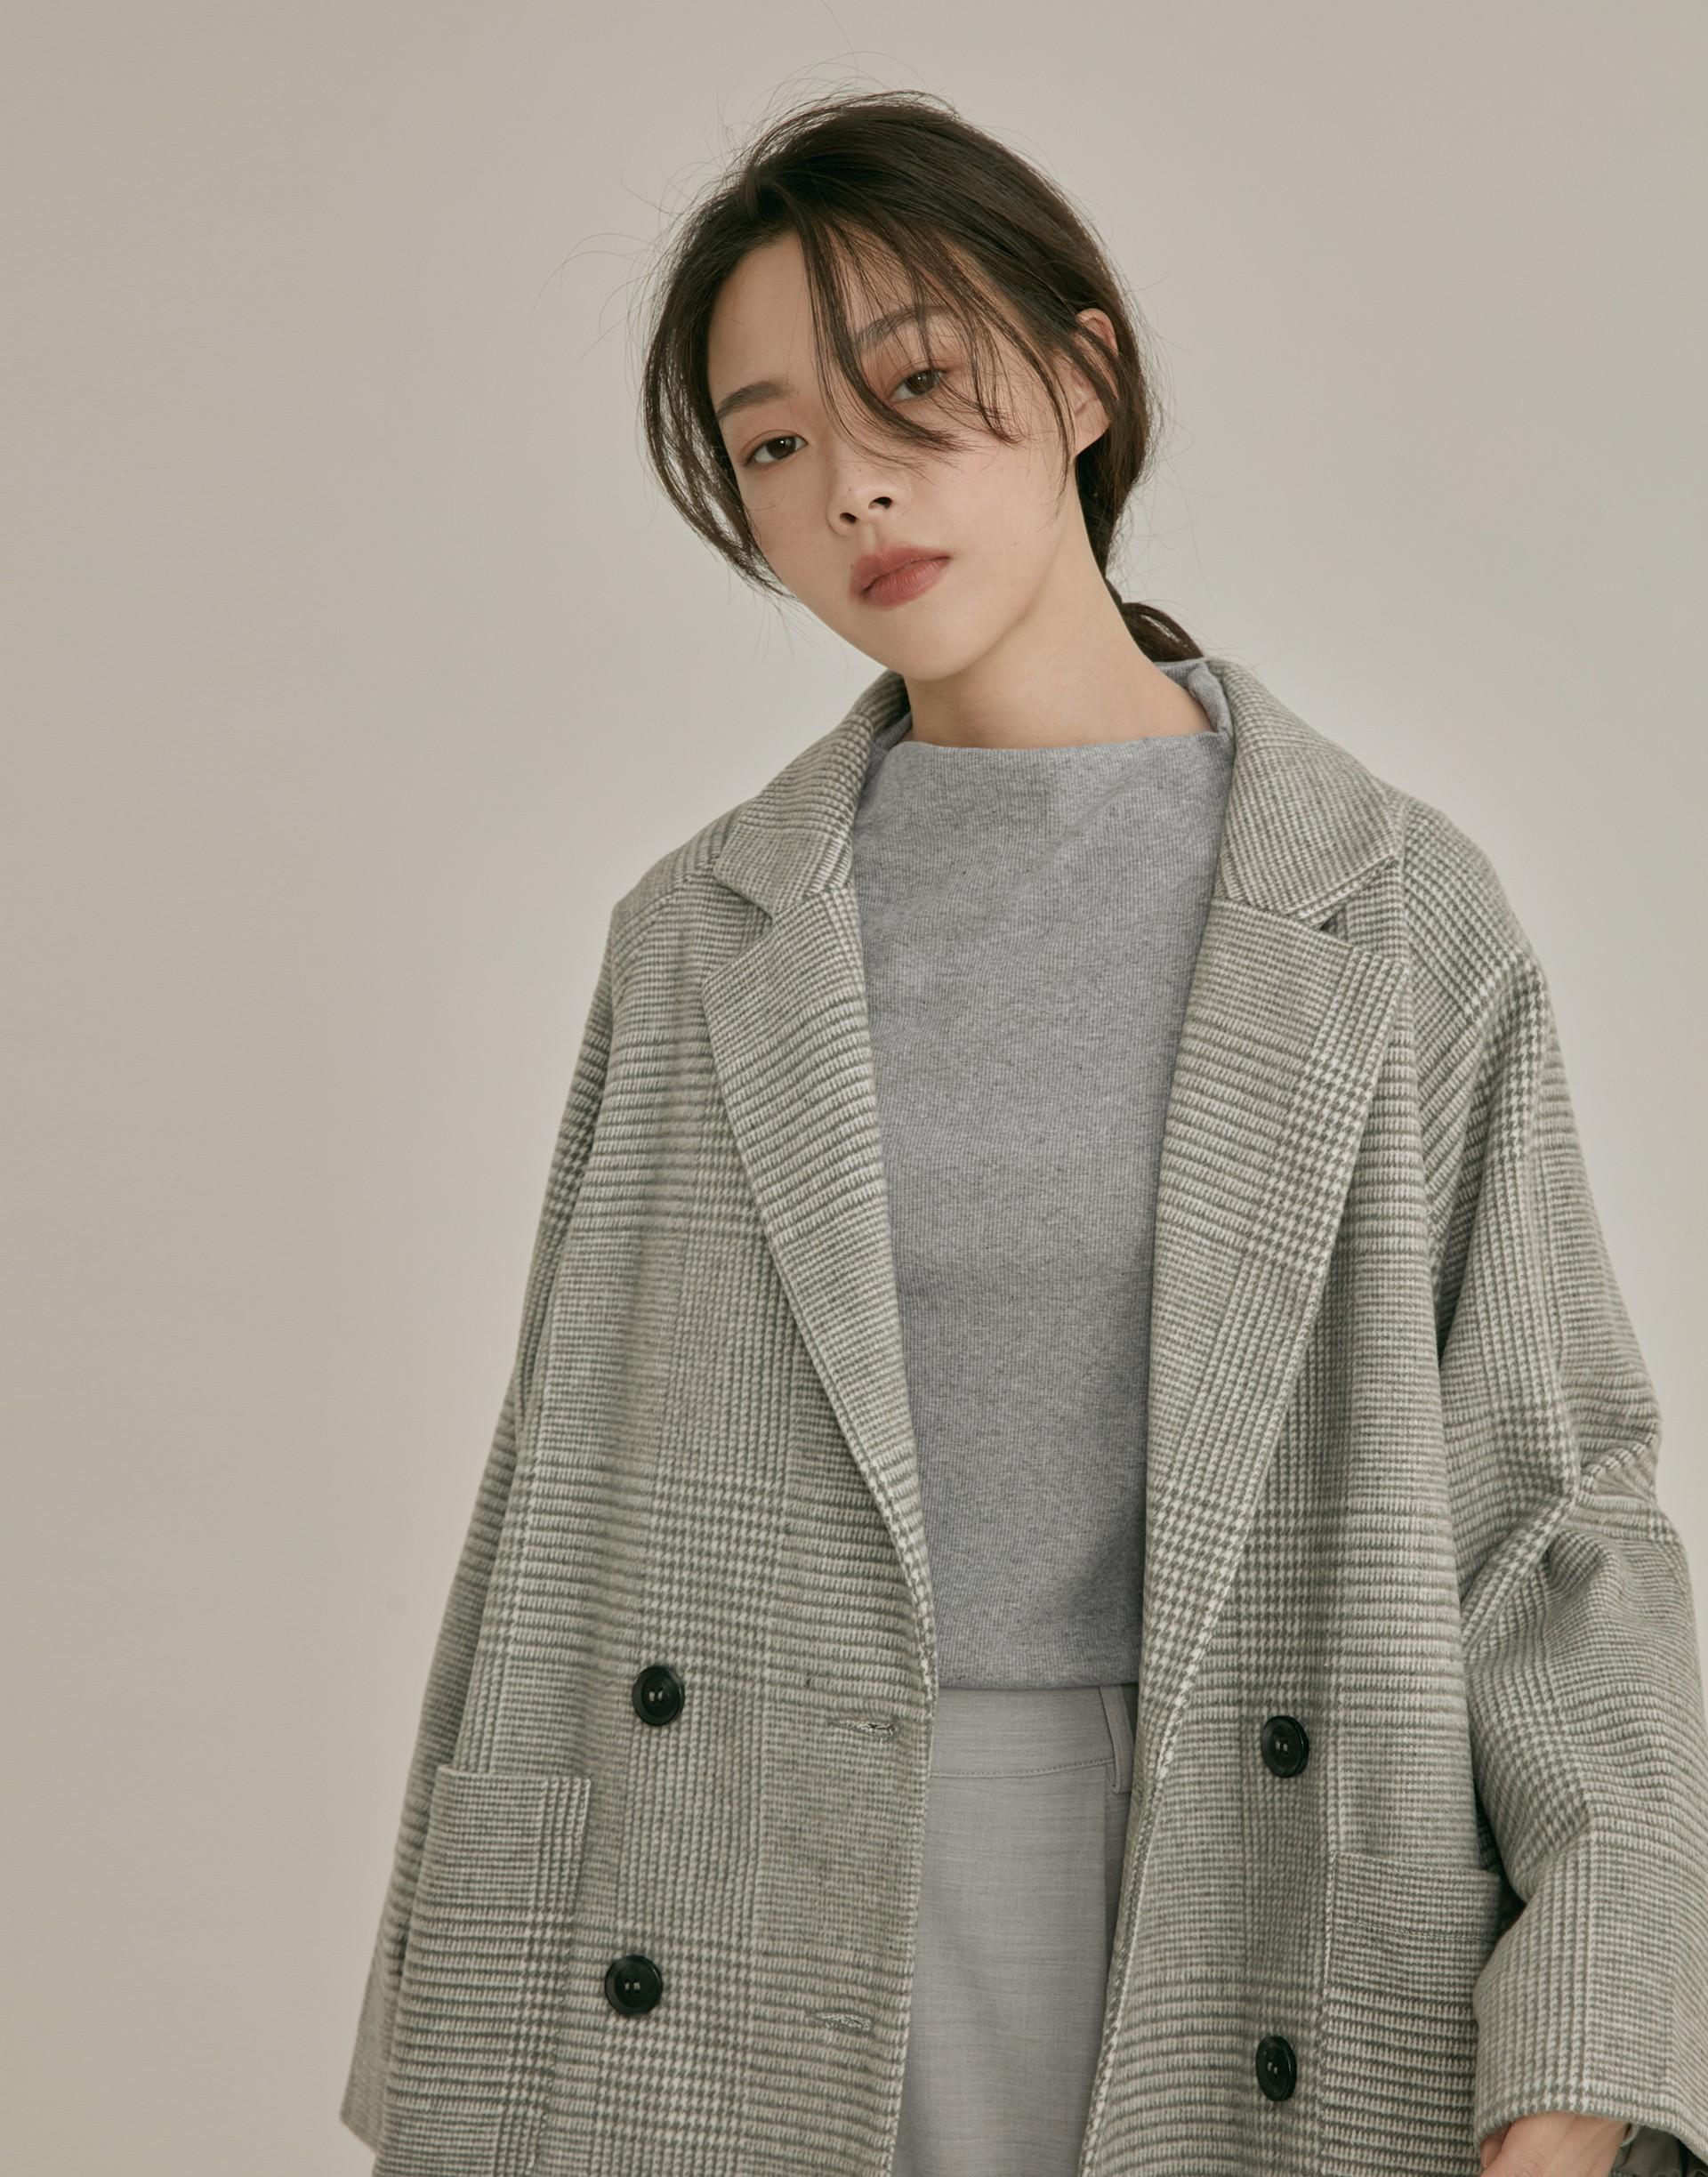 彈性:適中 MIT、基礎百搭版型、可內搭也可單穿、細緻羅紋